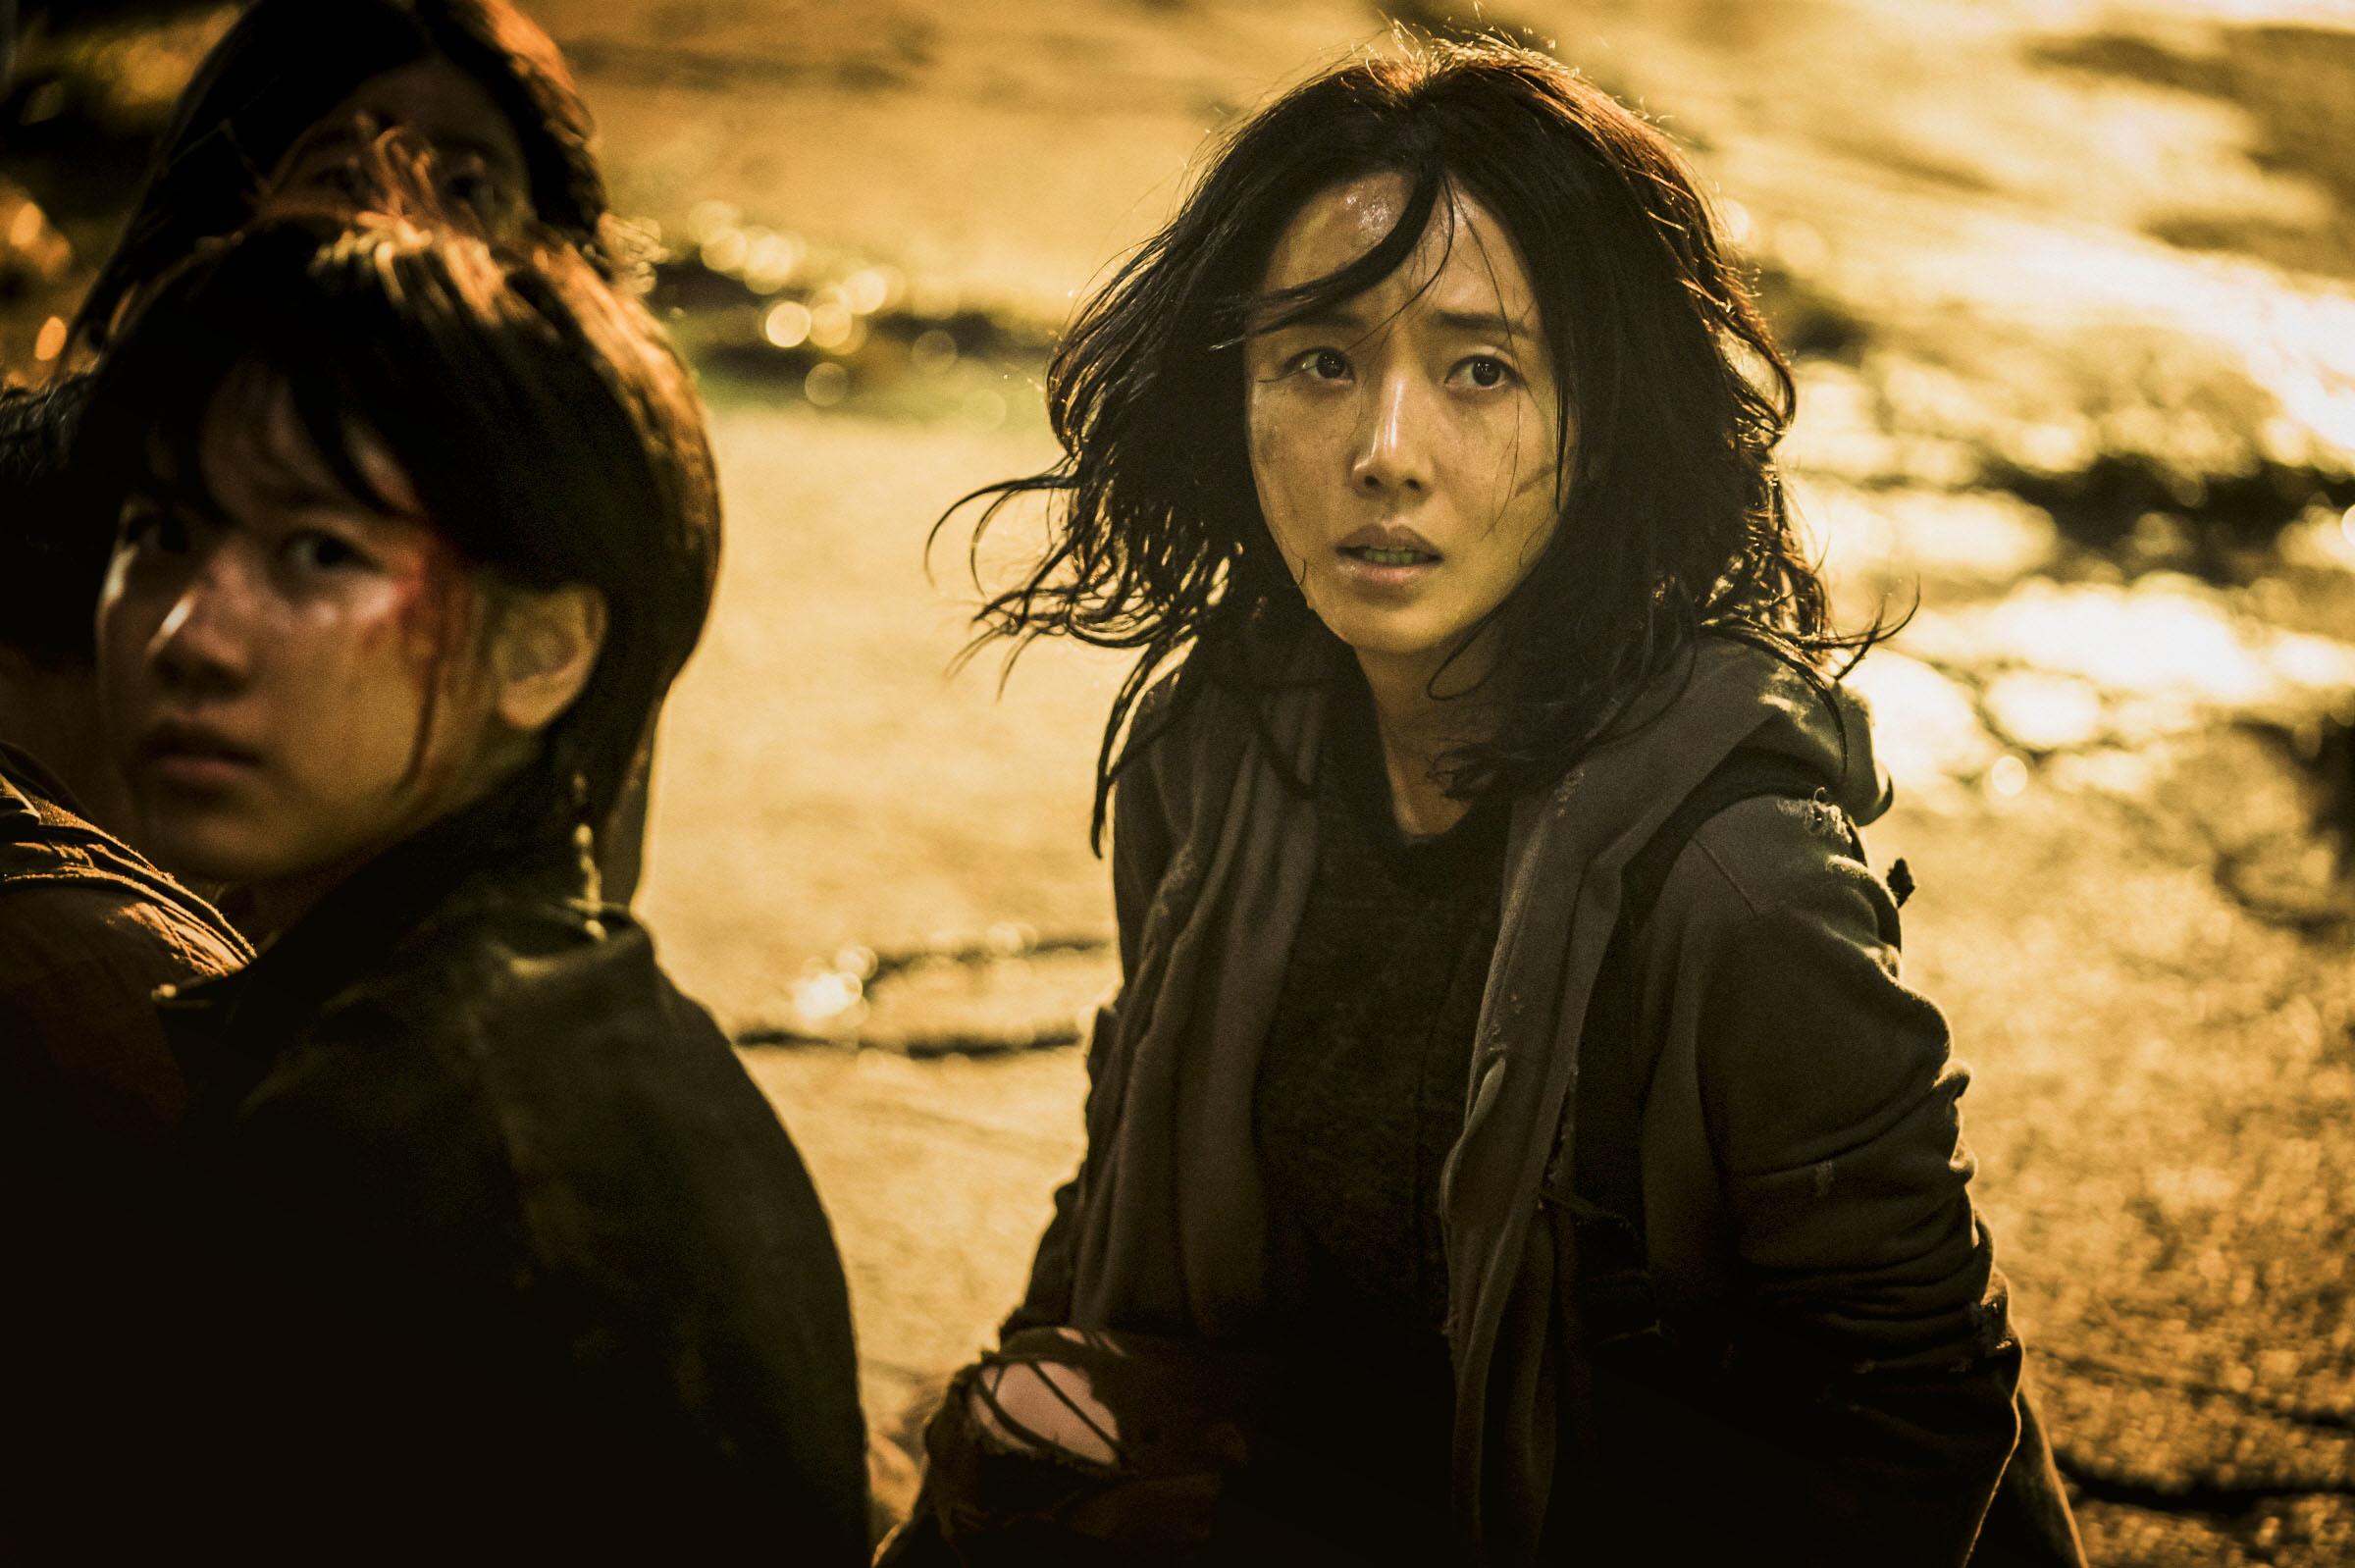 話題作『新感染半島 ファイナル・ステージ』のヒーロー、カン・ドンウォンさん降臨_1_4-2